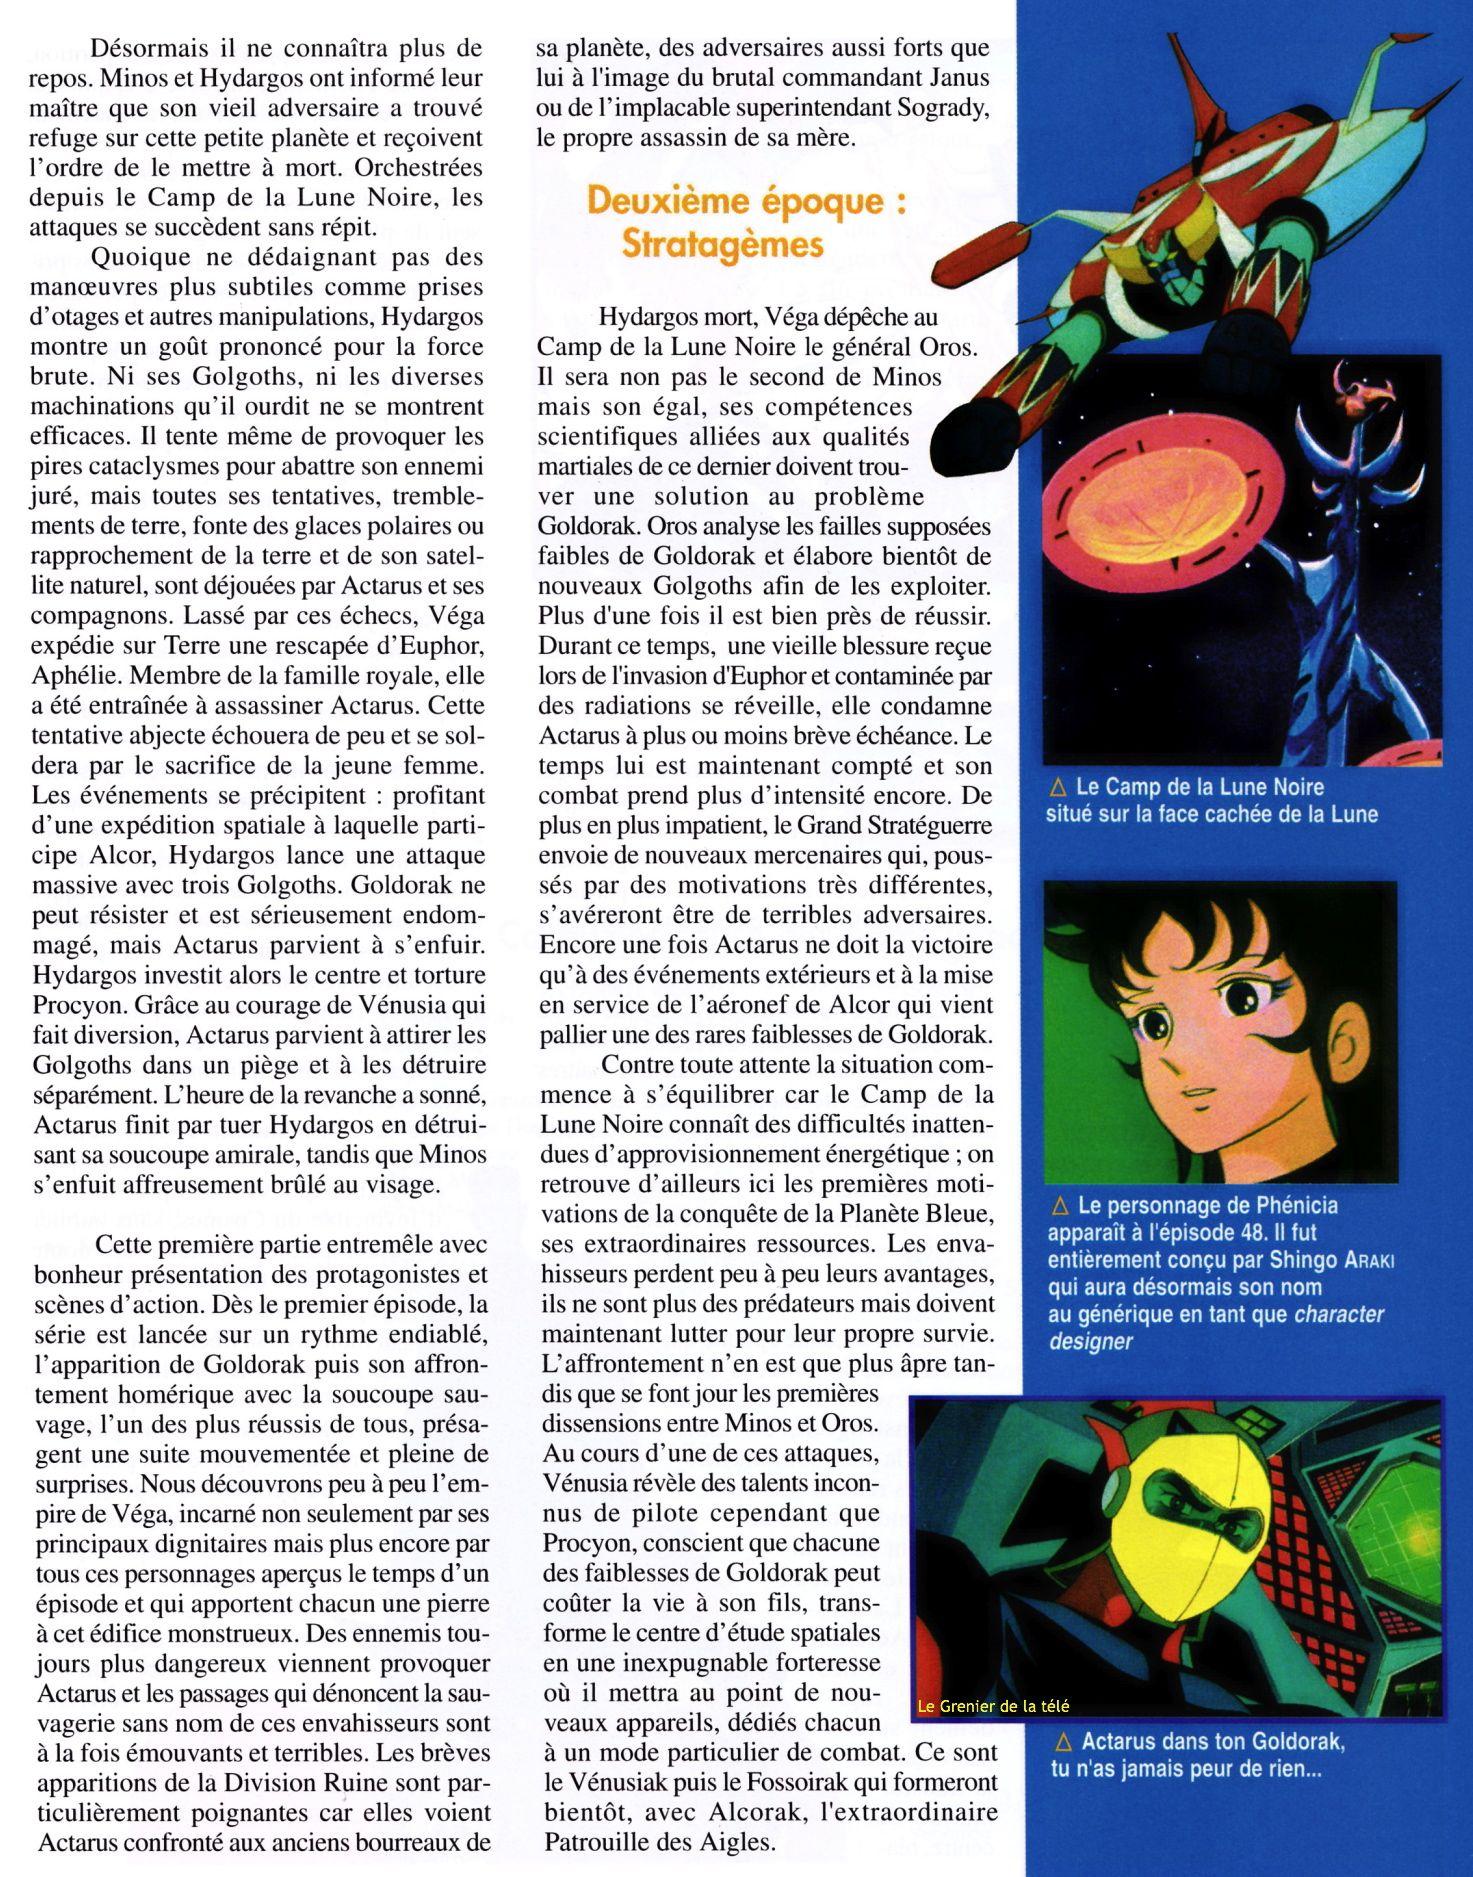 http://grenierdelatv.free.fr/2/goldorakalhs1997d.jpg